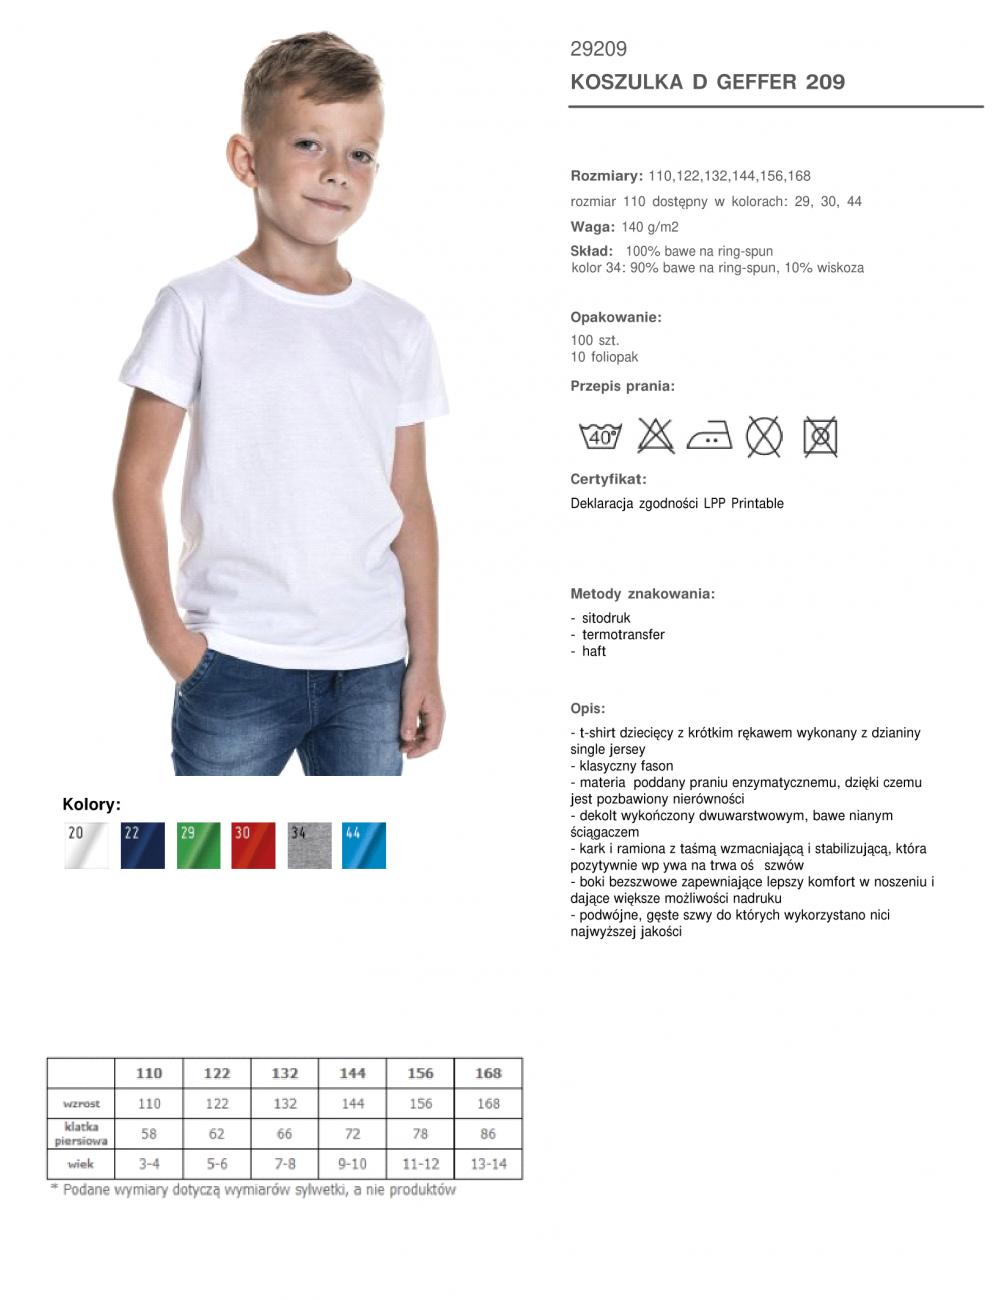 GEFFER KOSZULKA Dziecięca 209 BIAŁY